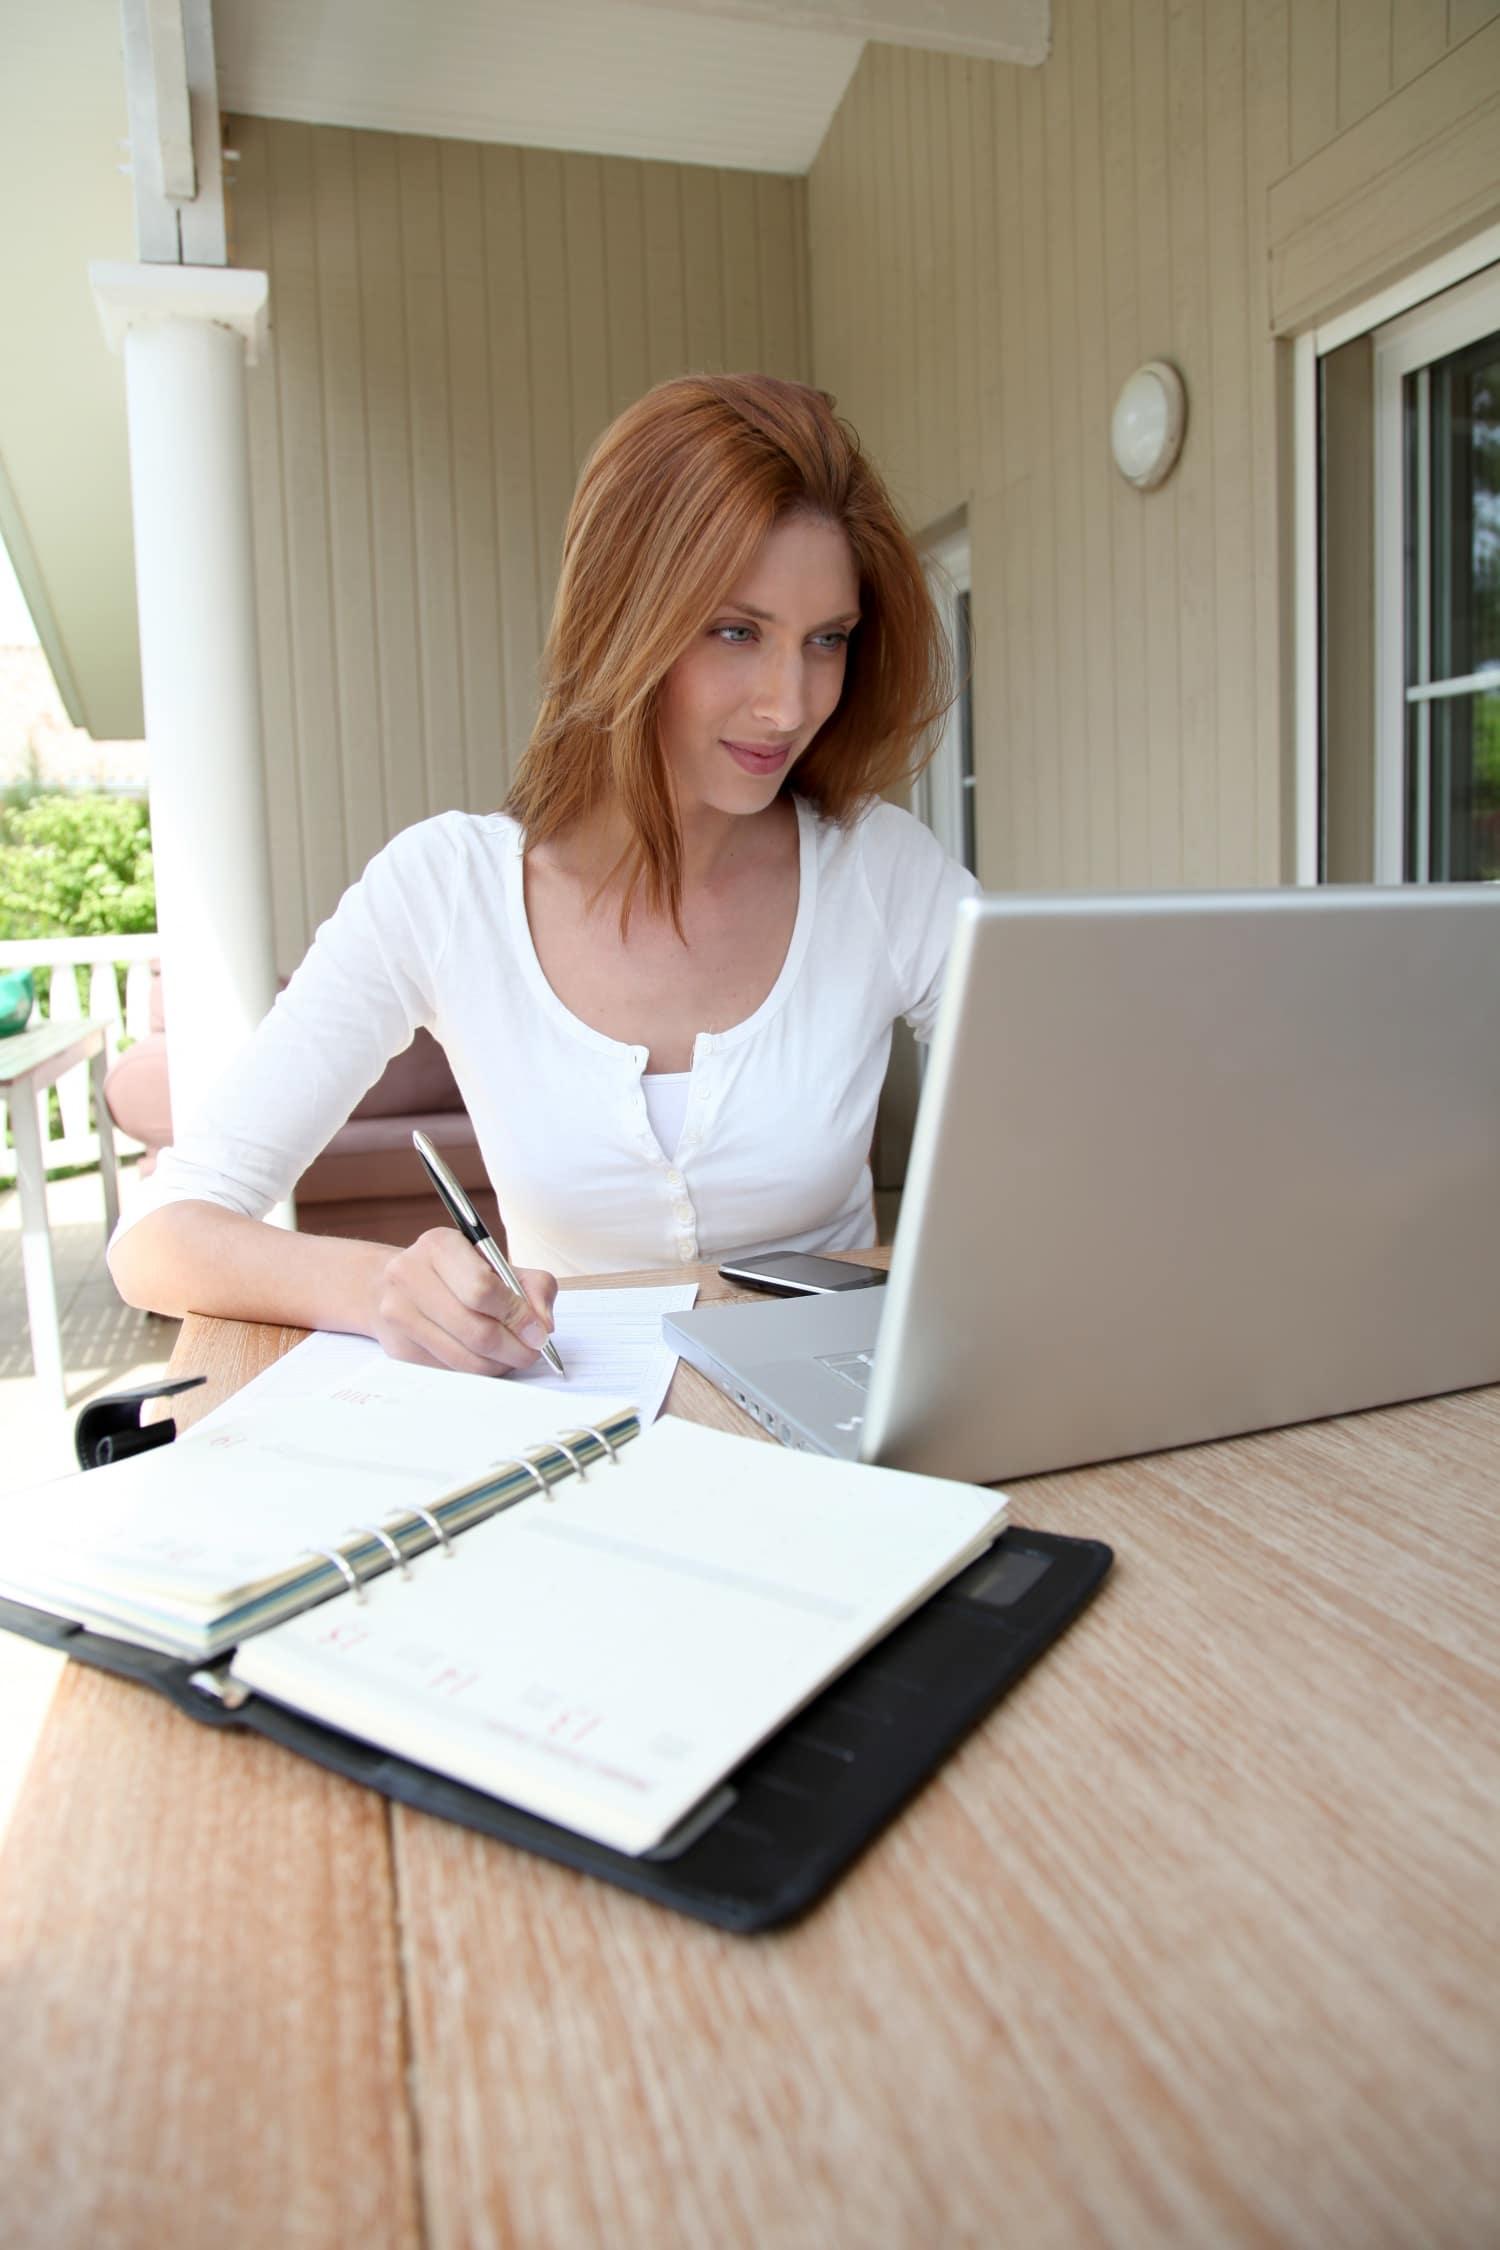 munka az otthoni előnyökből